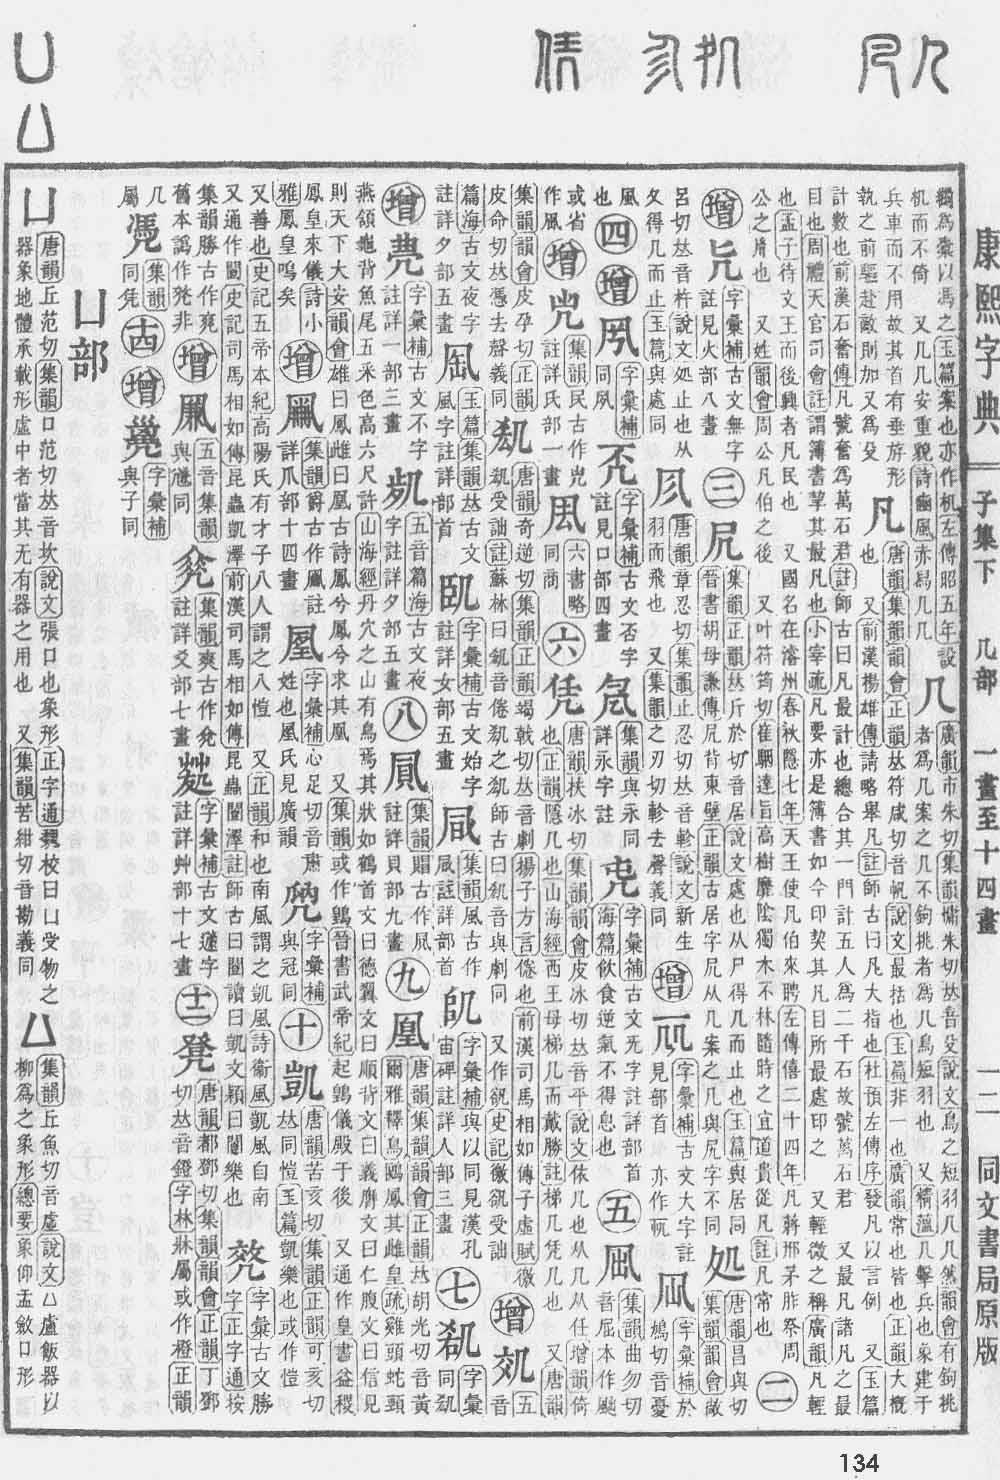 《康熙字典》第134页